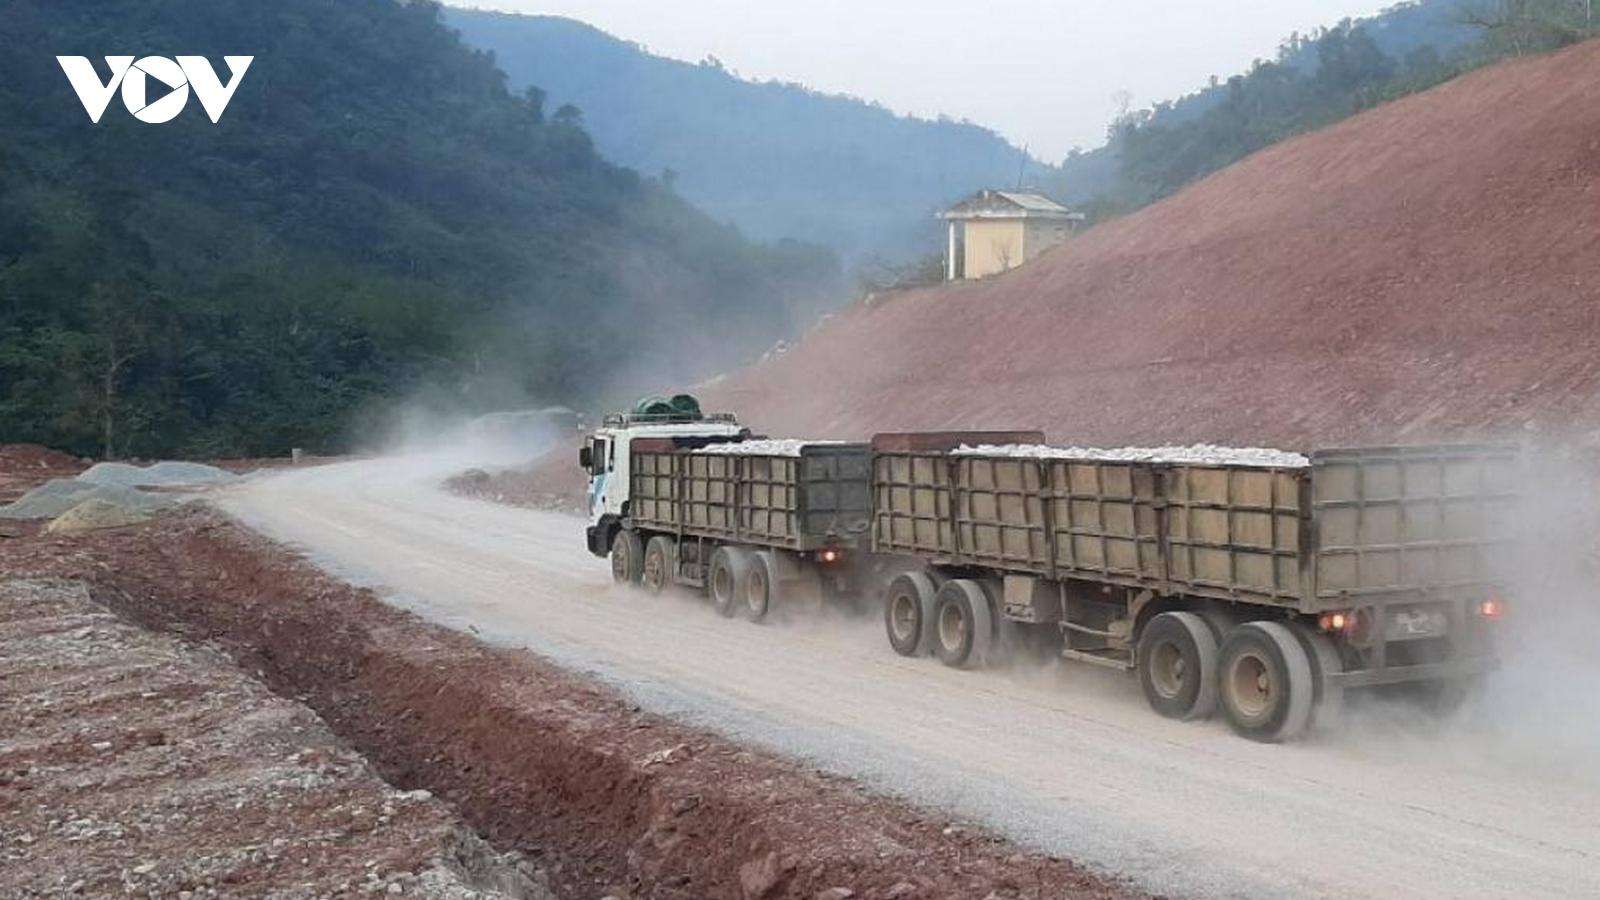 Thông tuyến Quốc lộ 12A sau hơn 2 tháng đứt gãy do mưa lũQuảng Bình